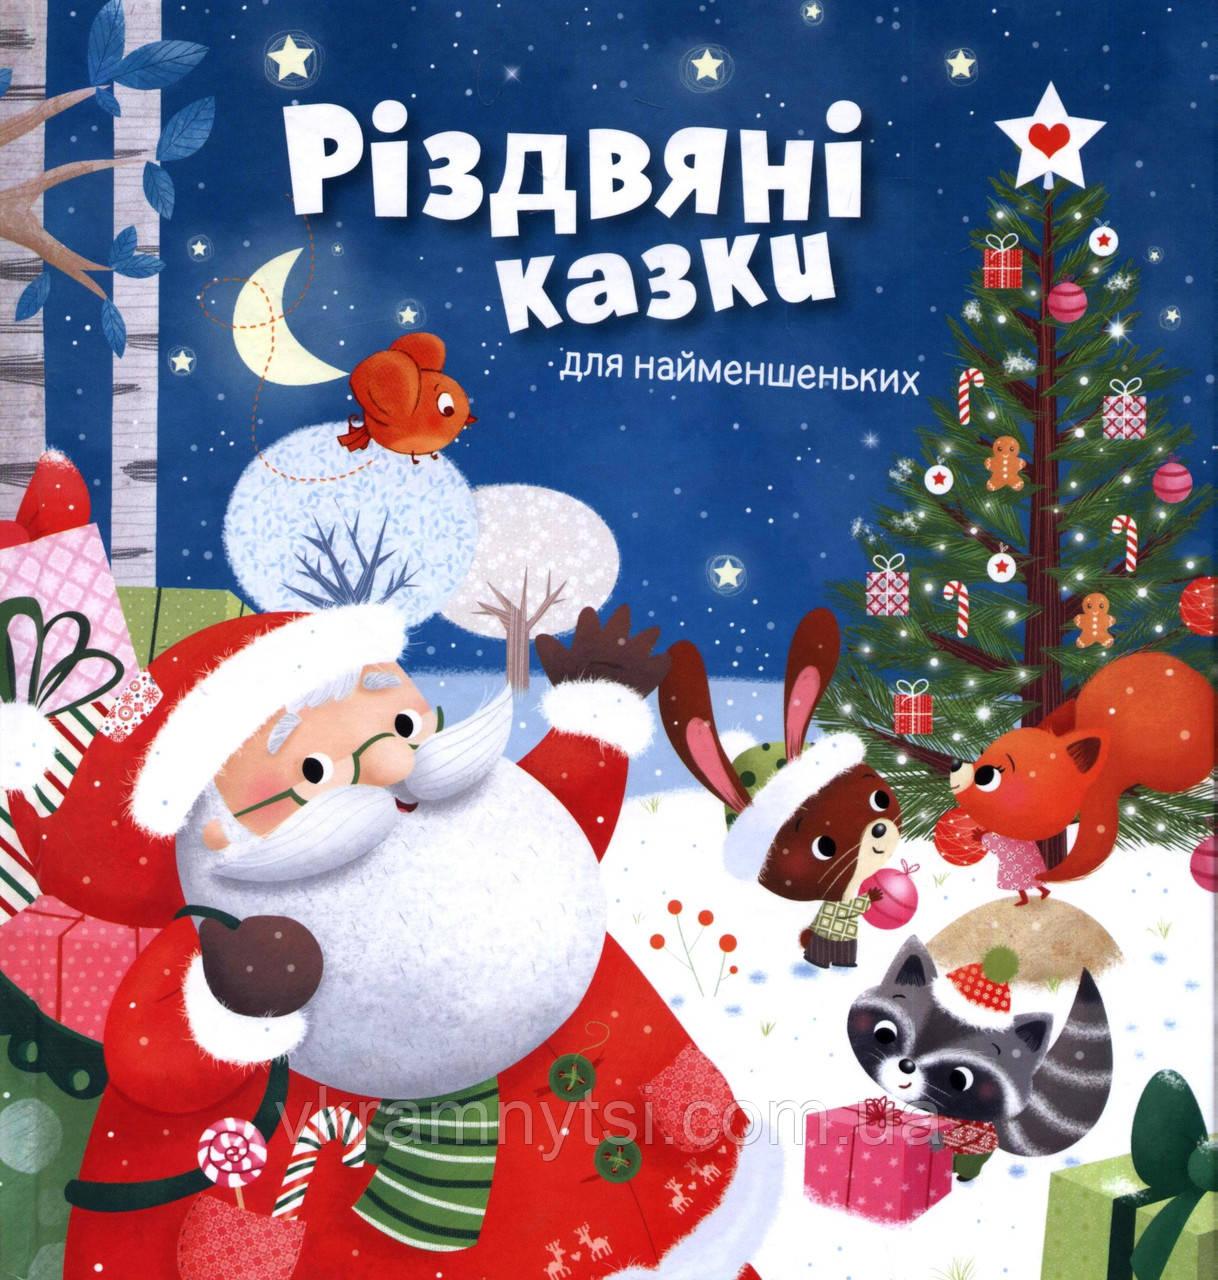 Різдвяні казки для найменшеньких, фото 1